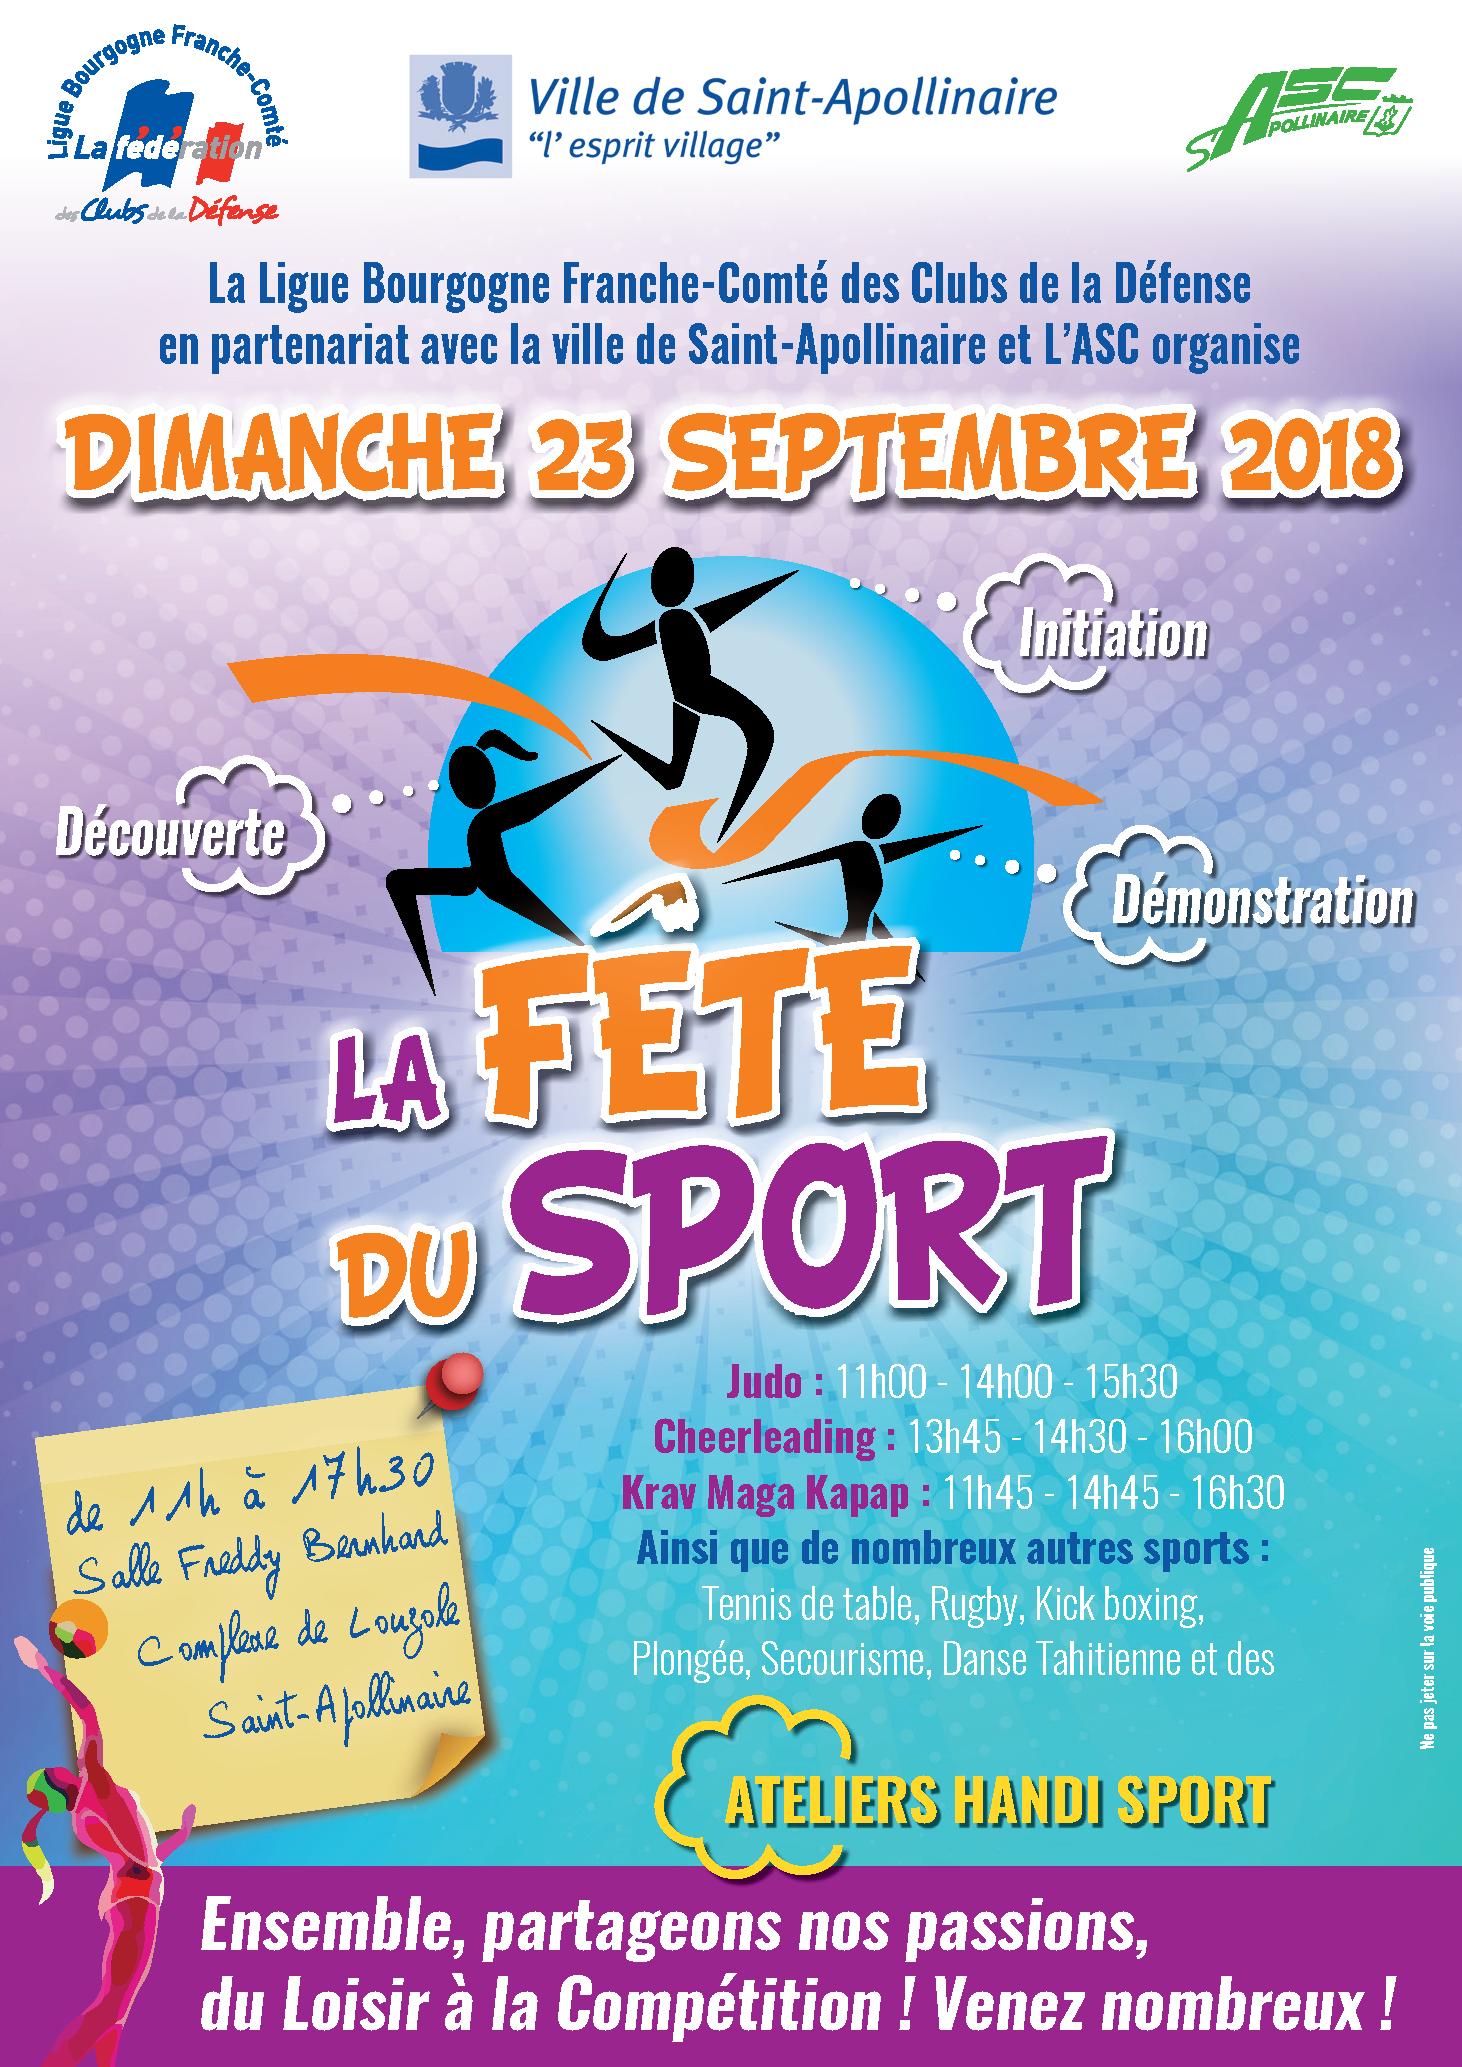 Flyer Affiche Fete Du Sport La Federation Des Clubs De La Defense